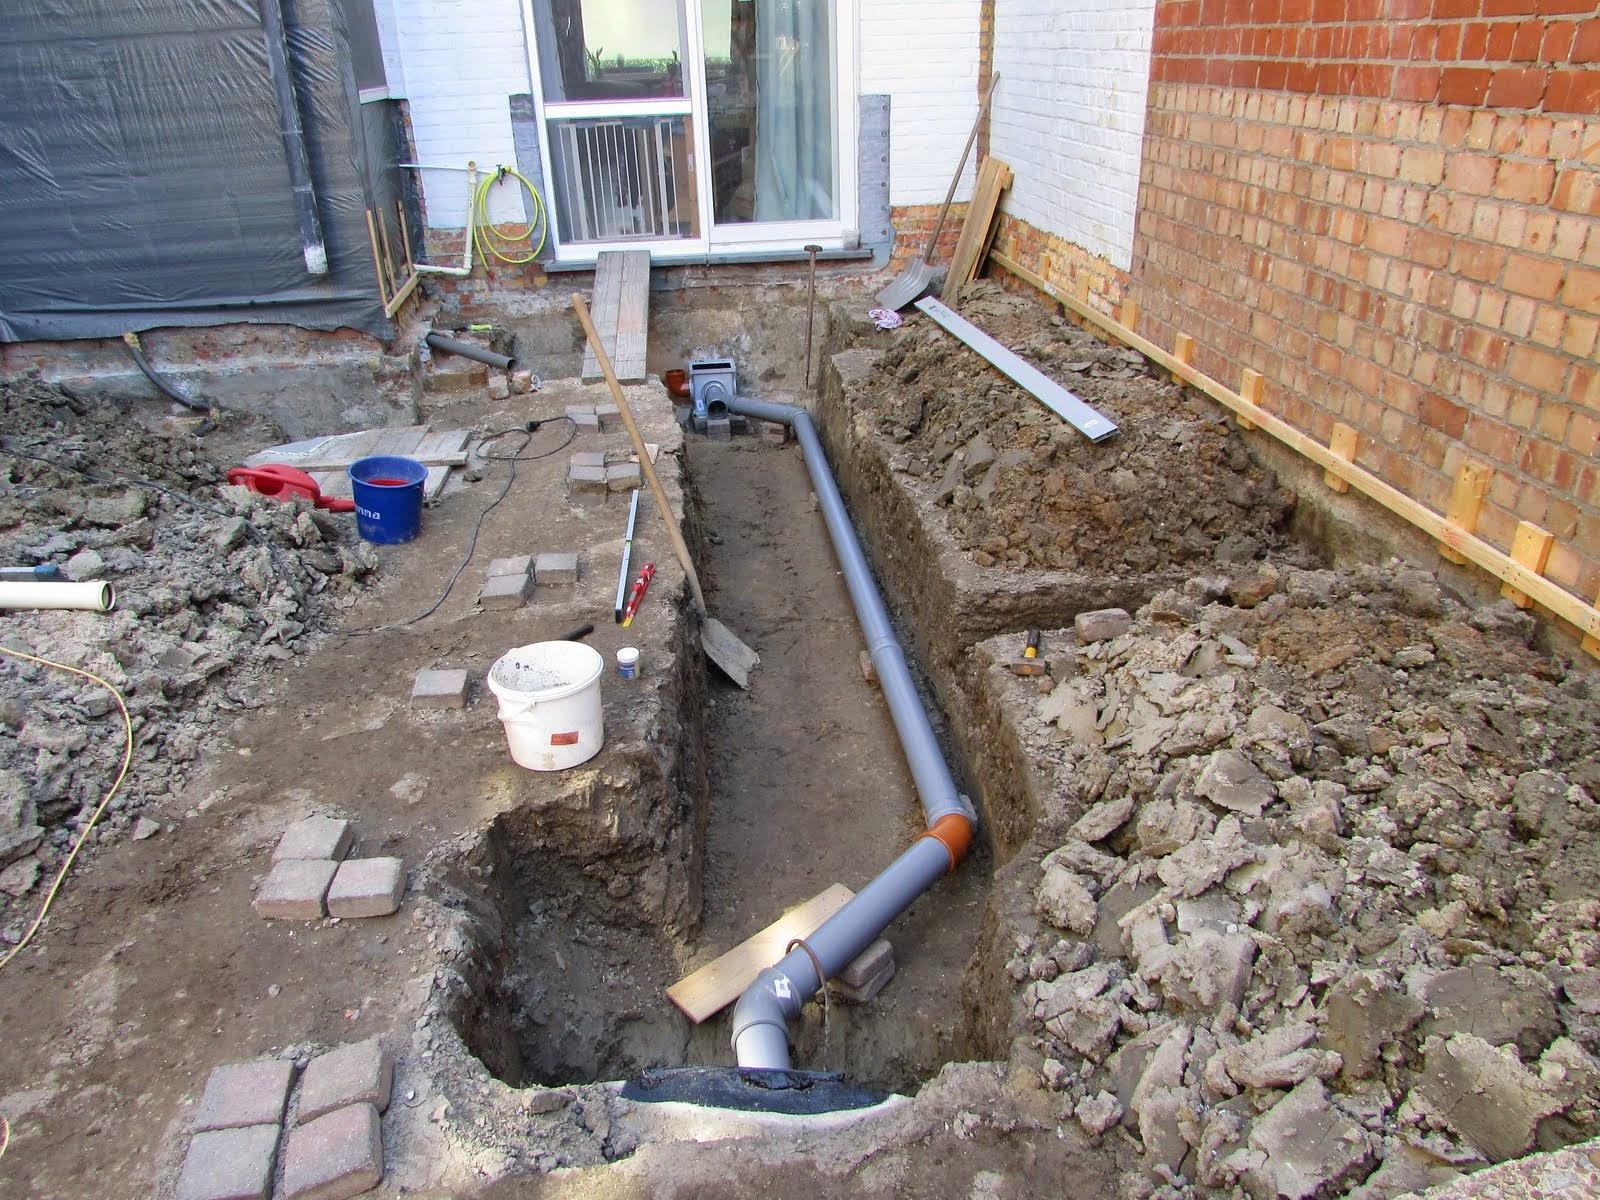 Verbouwing van ons ouderlijk huis riolering aanleggen dag 2 for Afvoerput tuin aanleggen